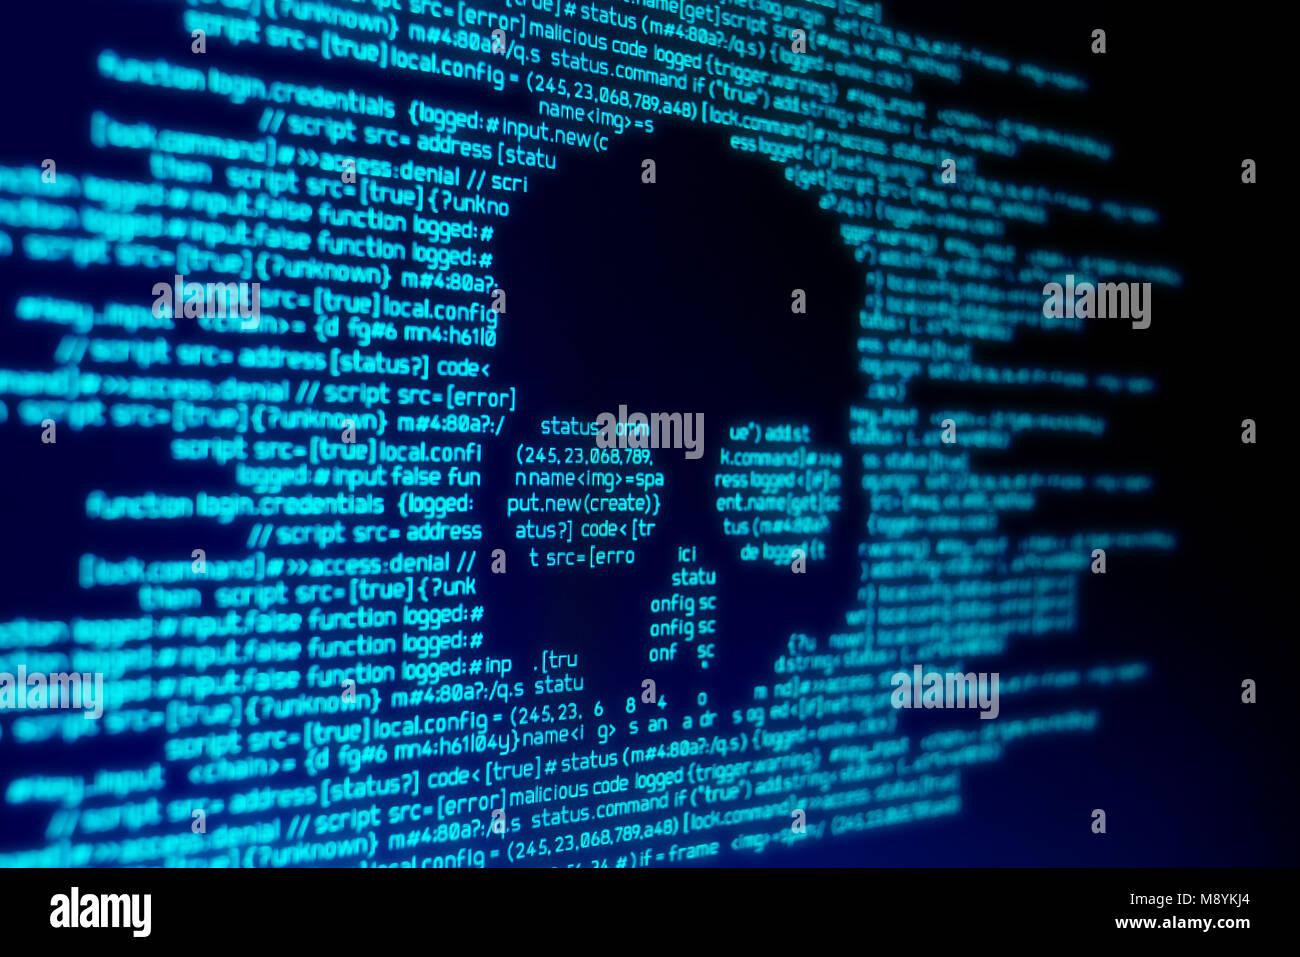 Computer Code auf einem Bildschirm mit einer Schädel mit einem Computer Virus/Malware attack. Stockbild